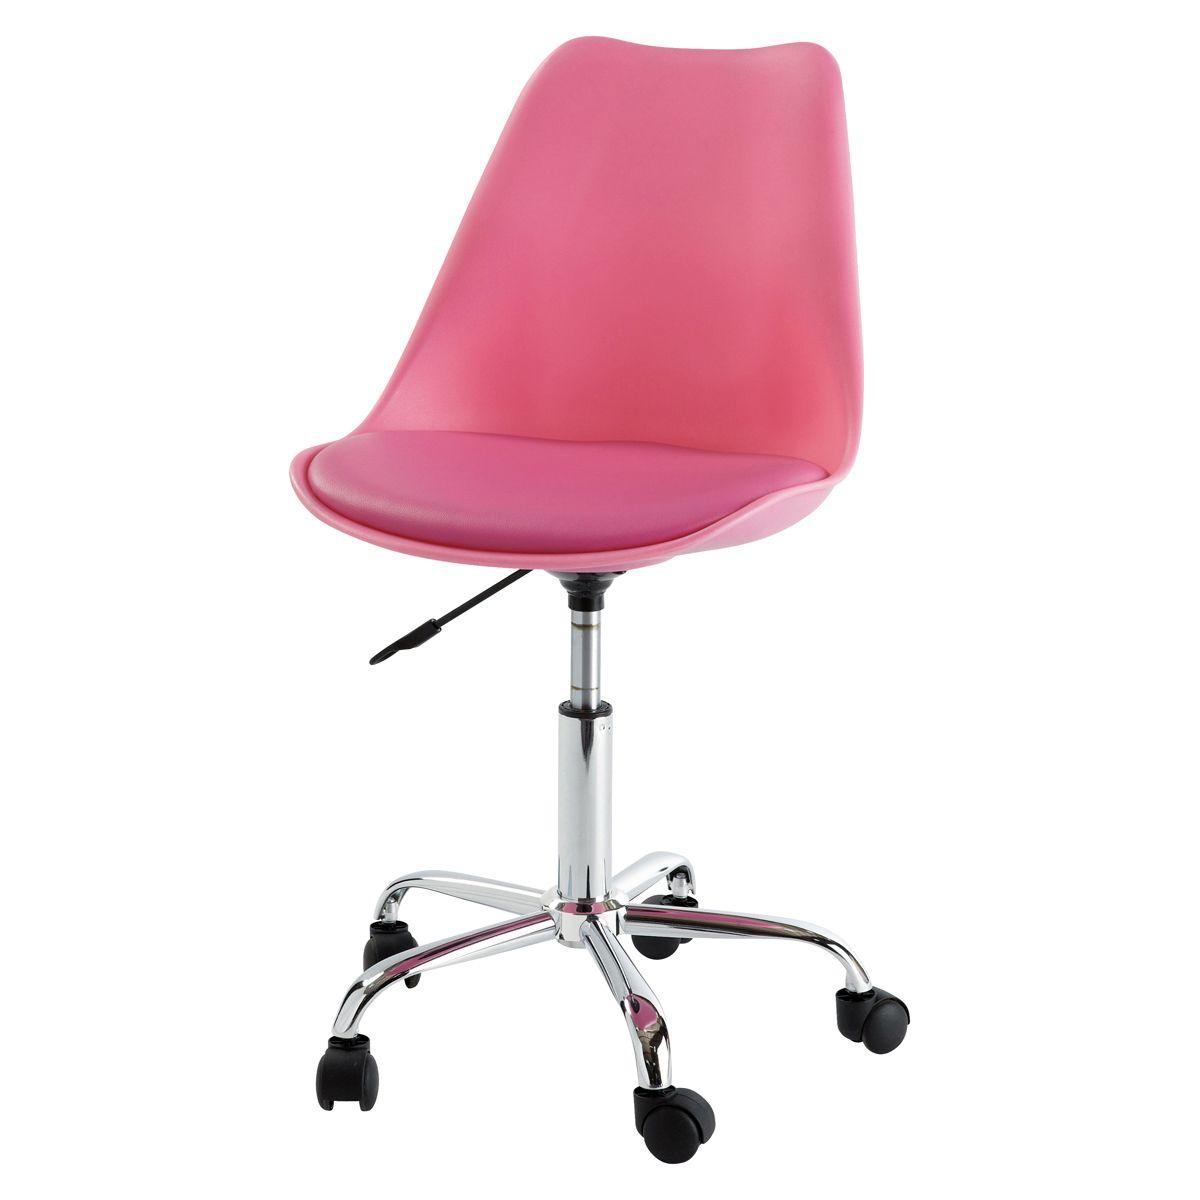 Schreibtischstuhl Rosa Bristol Sedia Scrivania Sedia Per Ufficio Scrivania Rosa